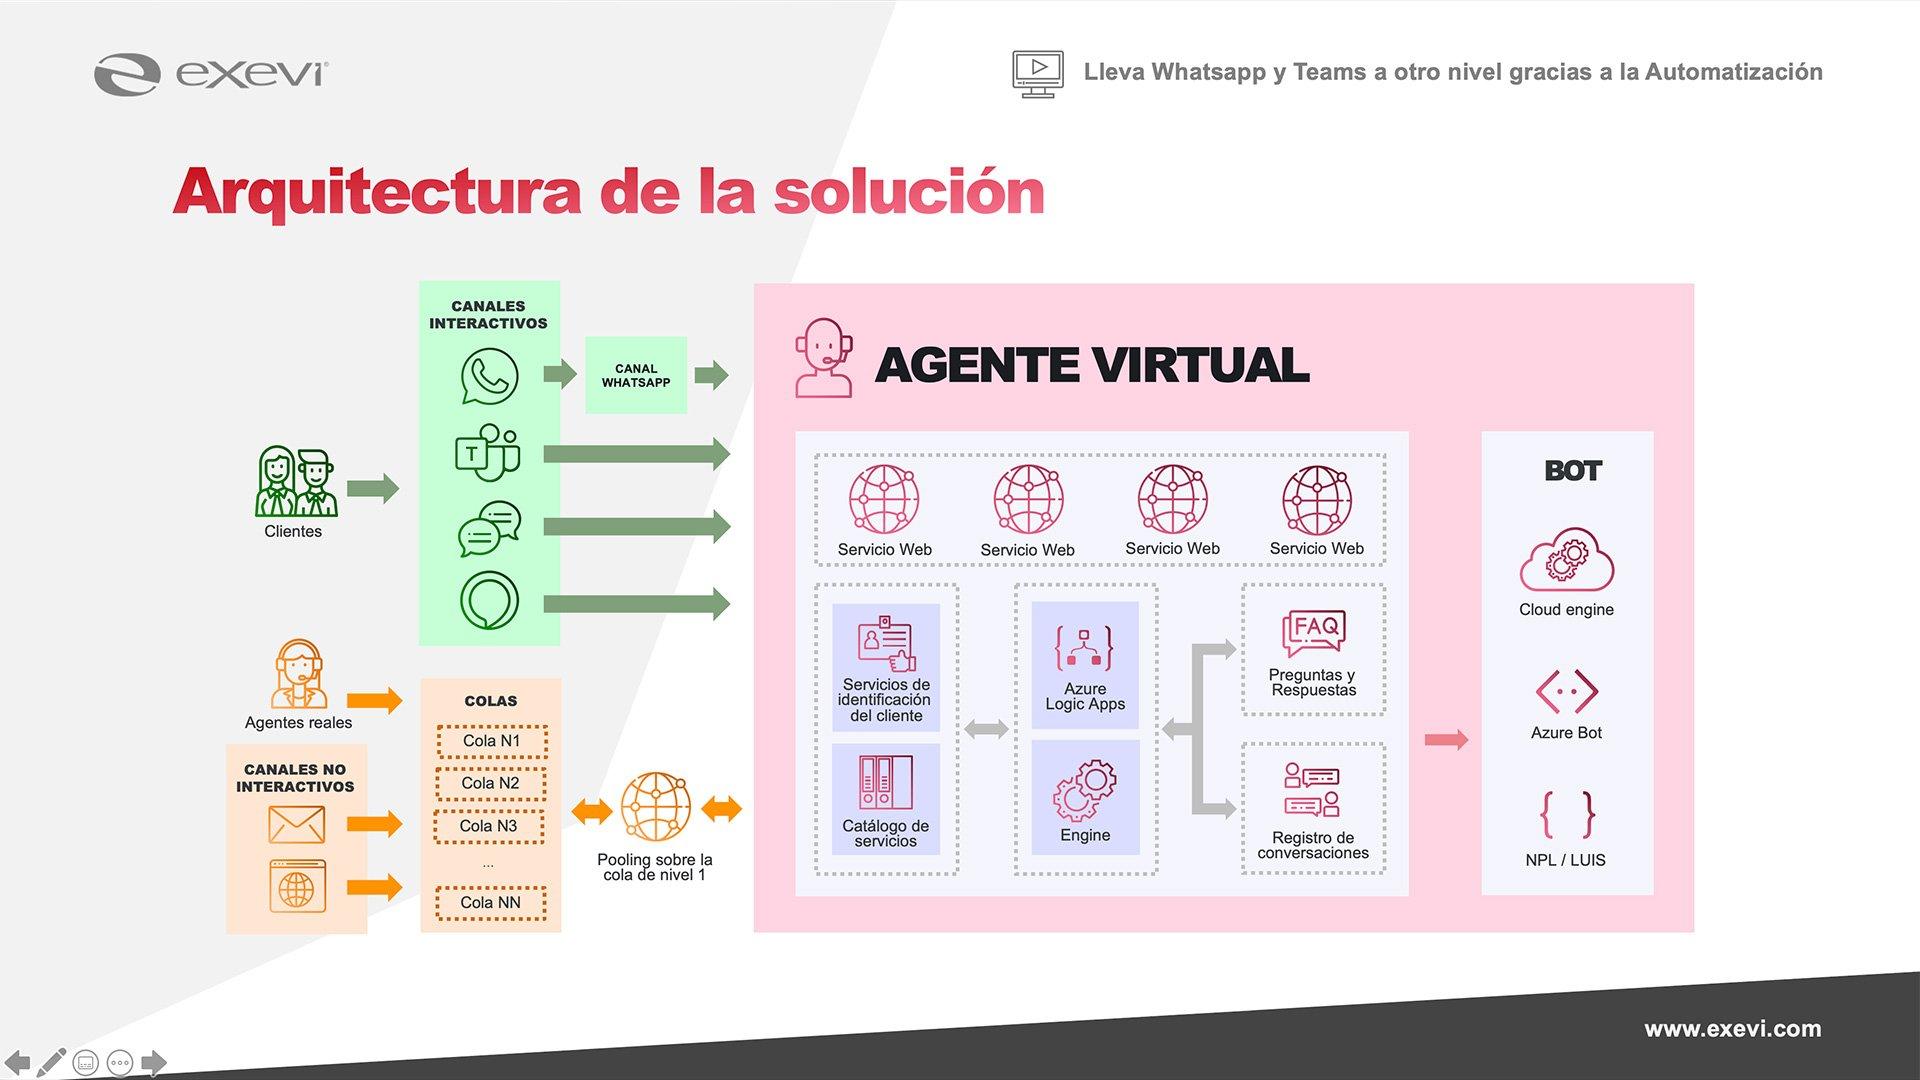 Arquitectura de la solución de Agente Virtual